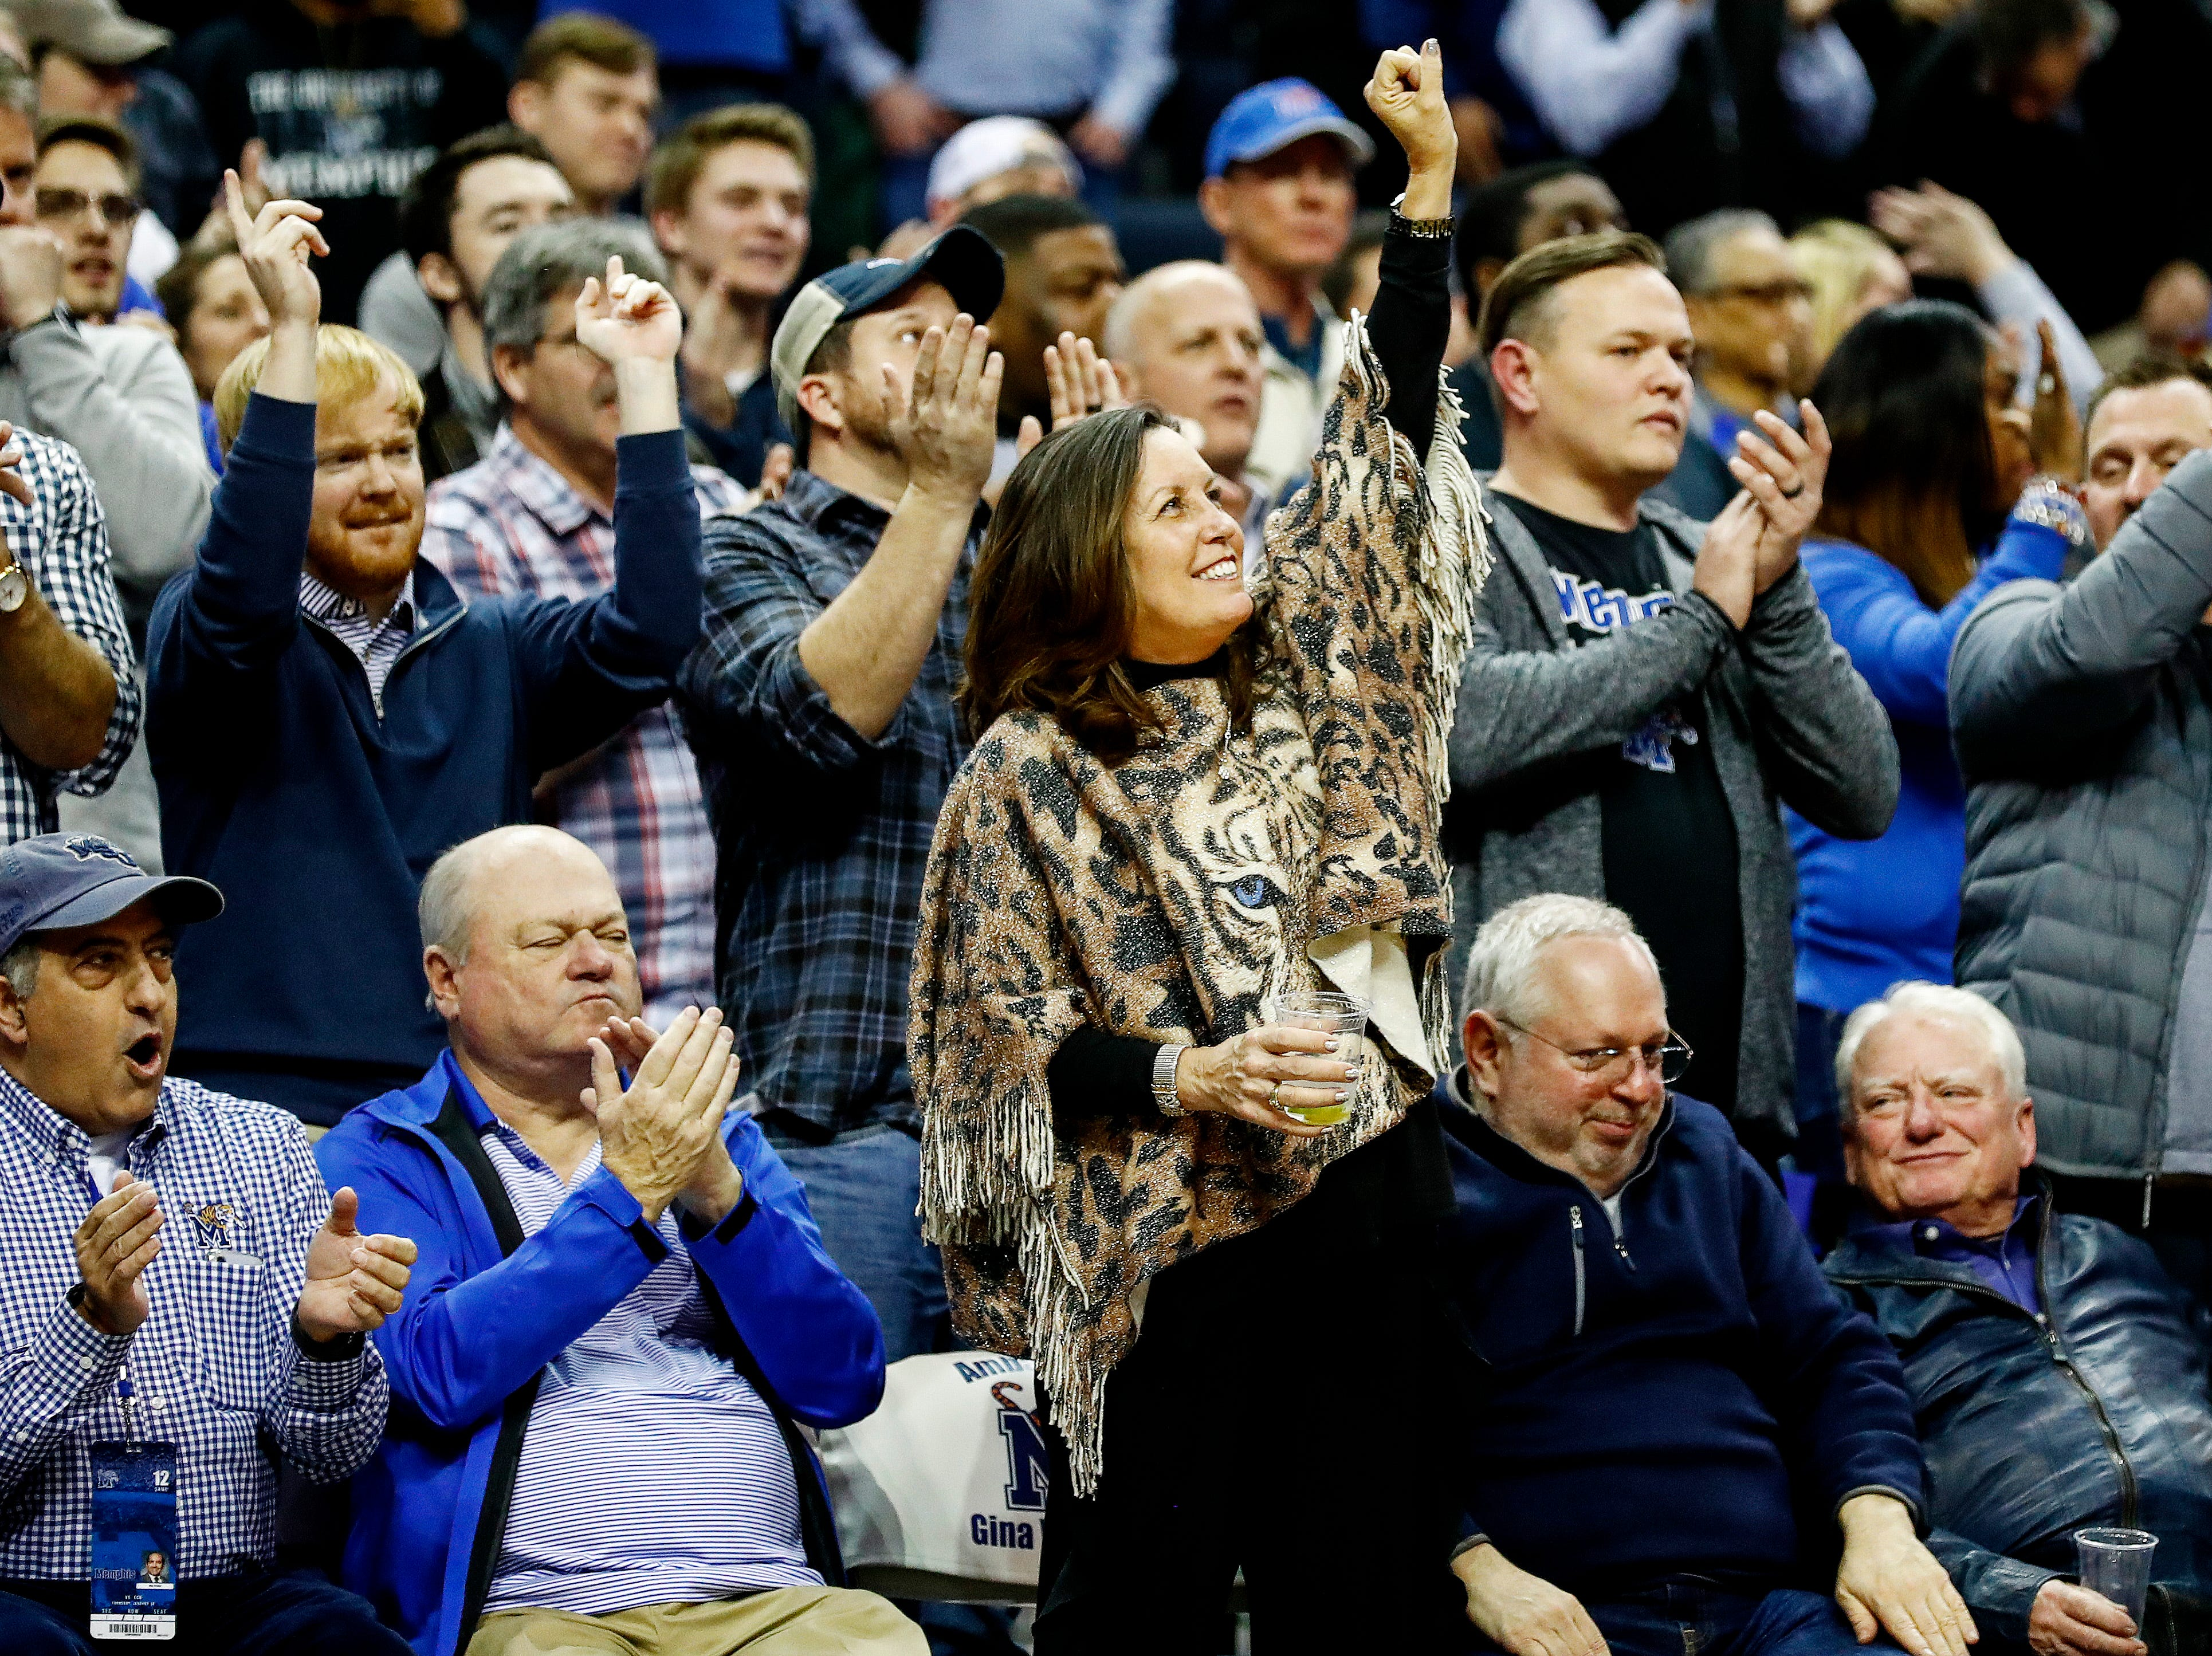 Memphis fans celebrates during action against ECU at the FedExForum, Thursday, January 10, 2019.